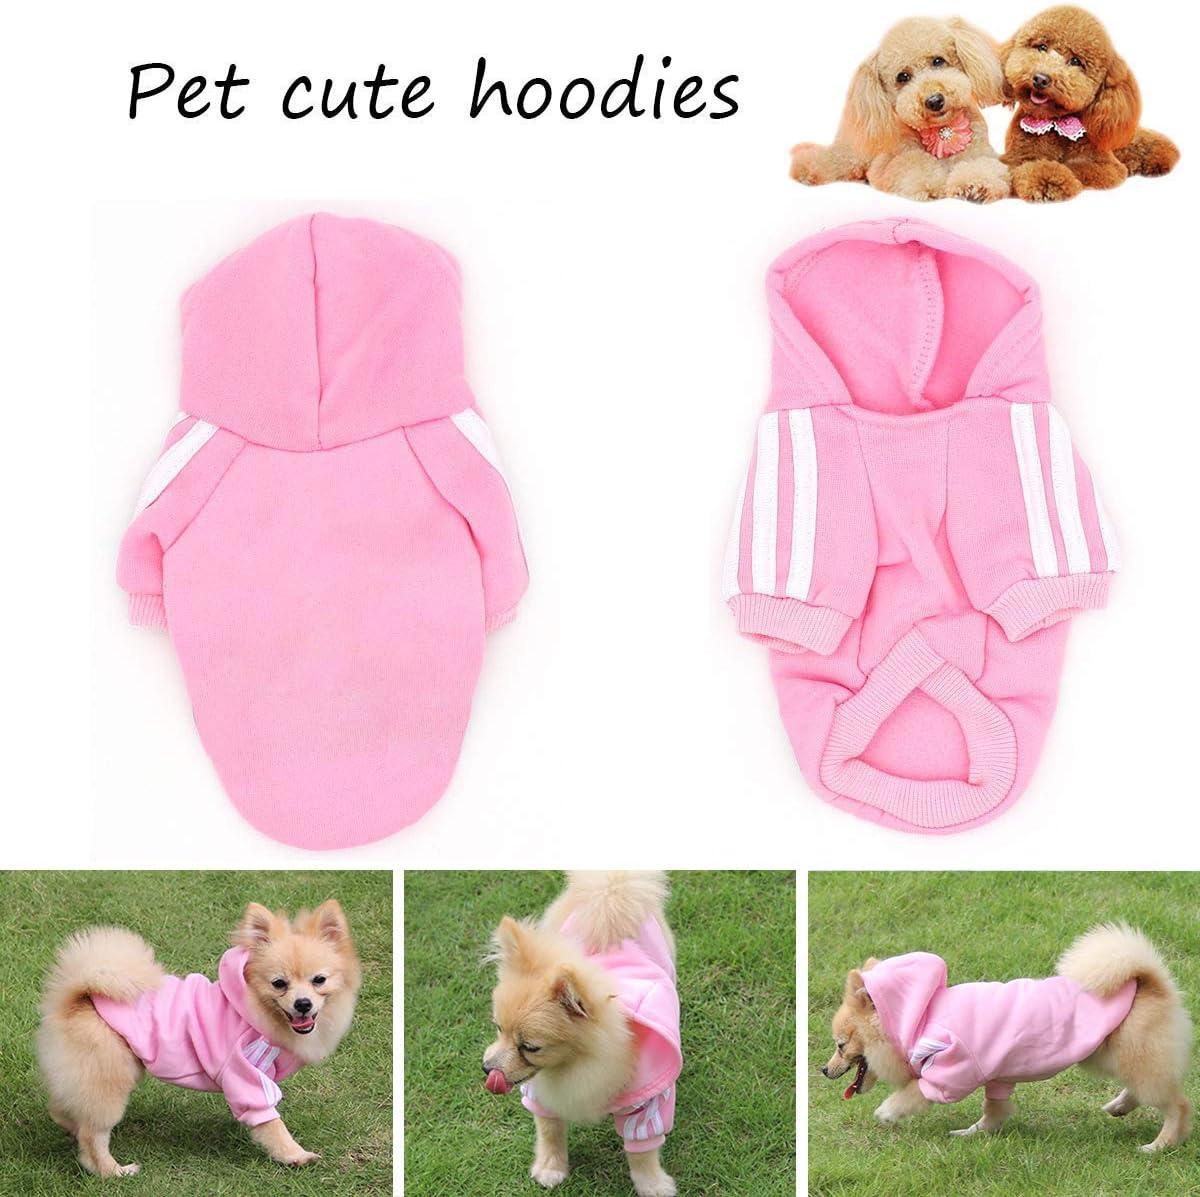 QiChengLYS Dog Felpe con Cappuccio Abbigliamento Maglietta Sportiva per Cani XS, 2 Pezzi Rosa Pet Puppy Cat Cute Cotton Warm Coat Maglione